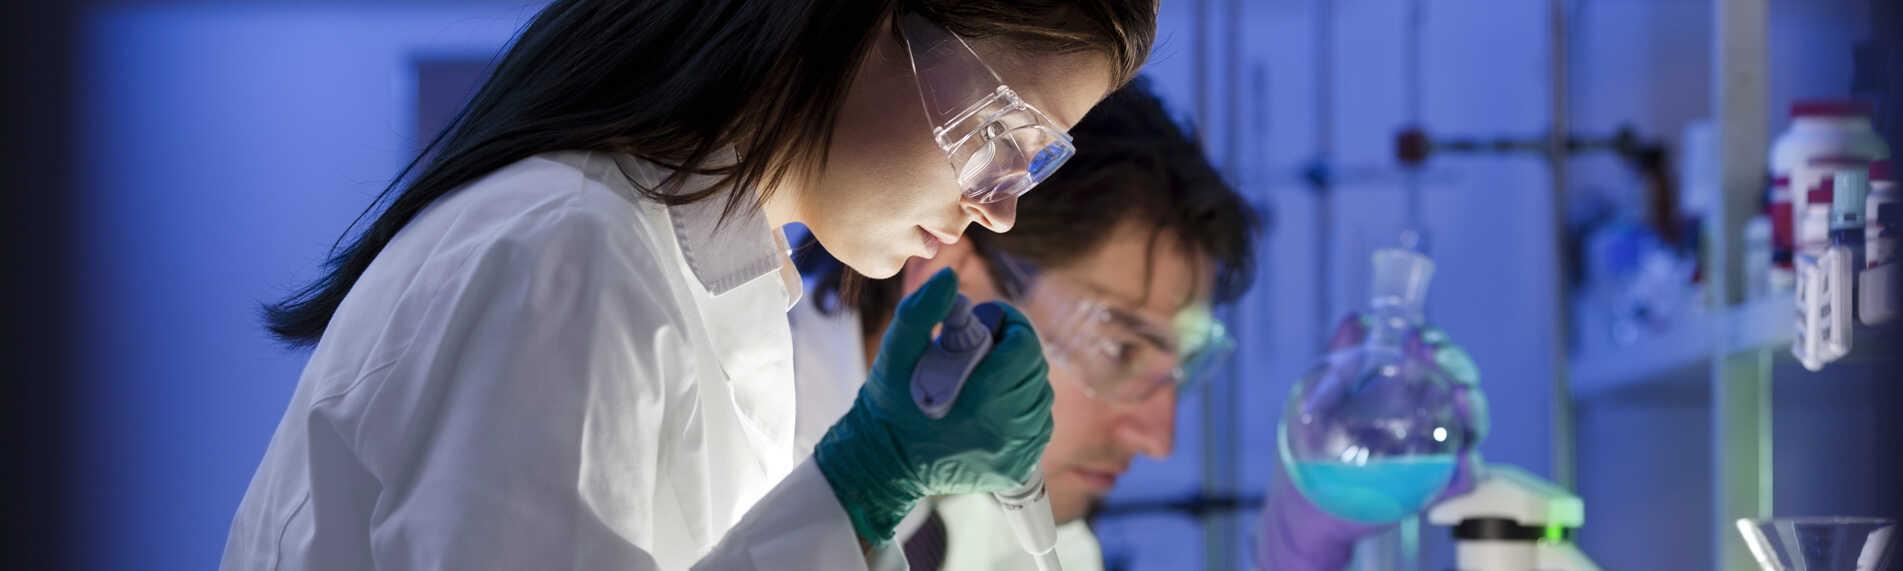 Befugtning giver ideelle produktionsforhold i renrum og laboratorier